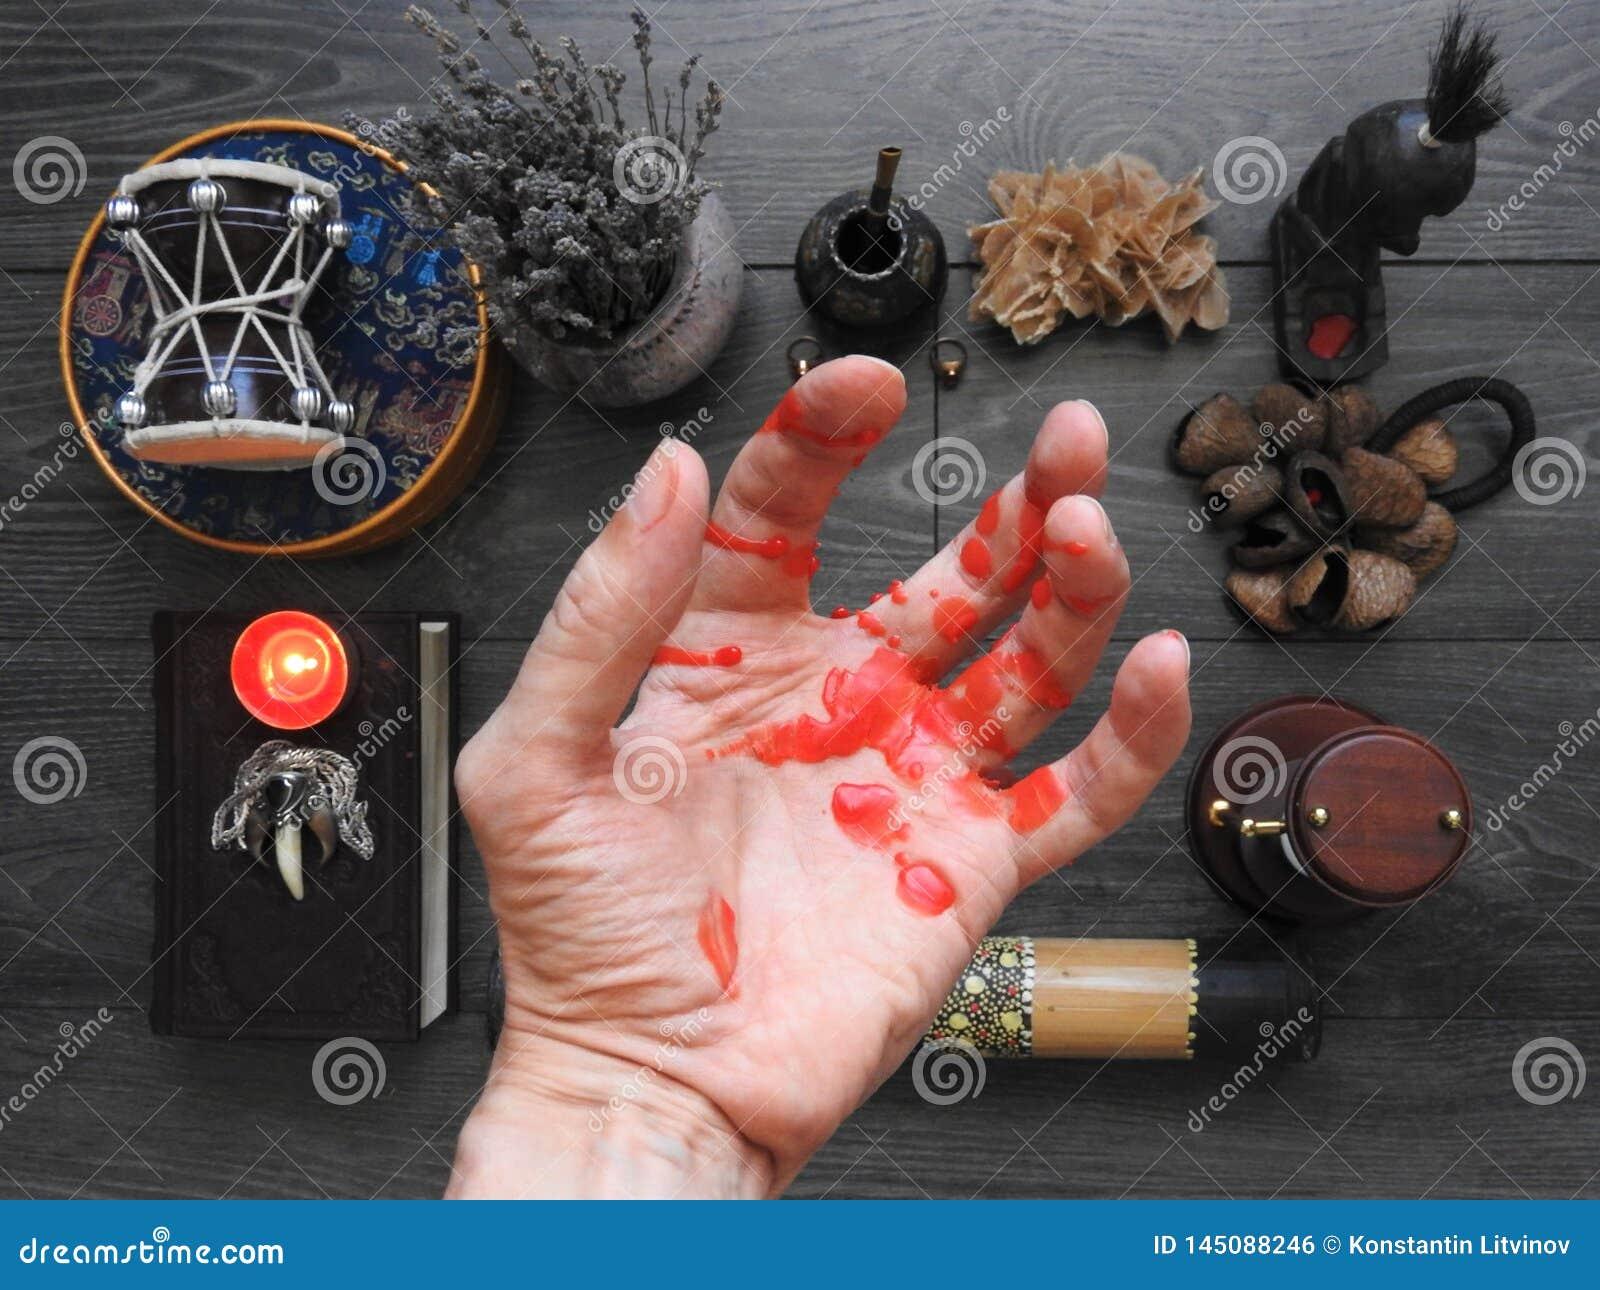 一种不祥的神秘的仪式 魔术师的手 秘密主义 ?? 万圣节的概念 不可思议